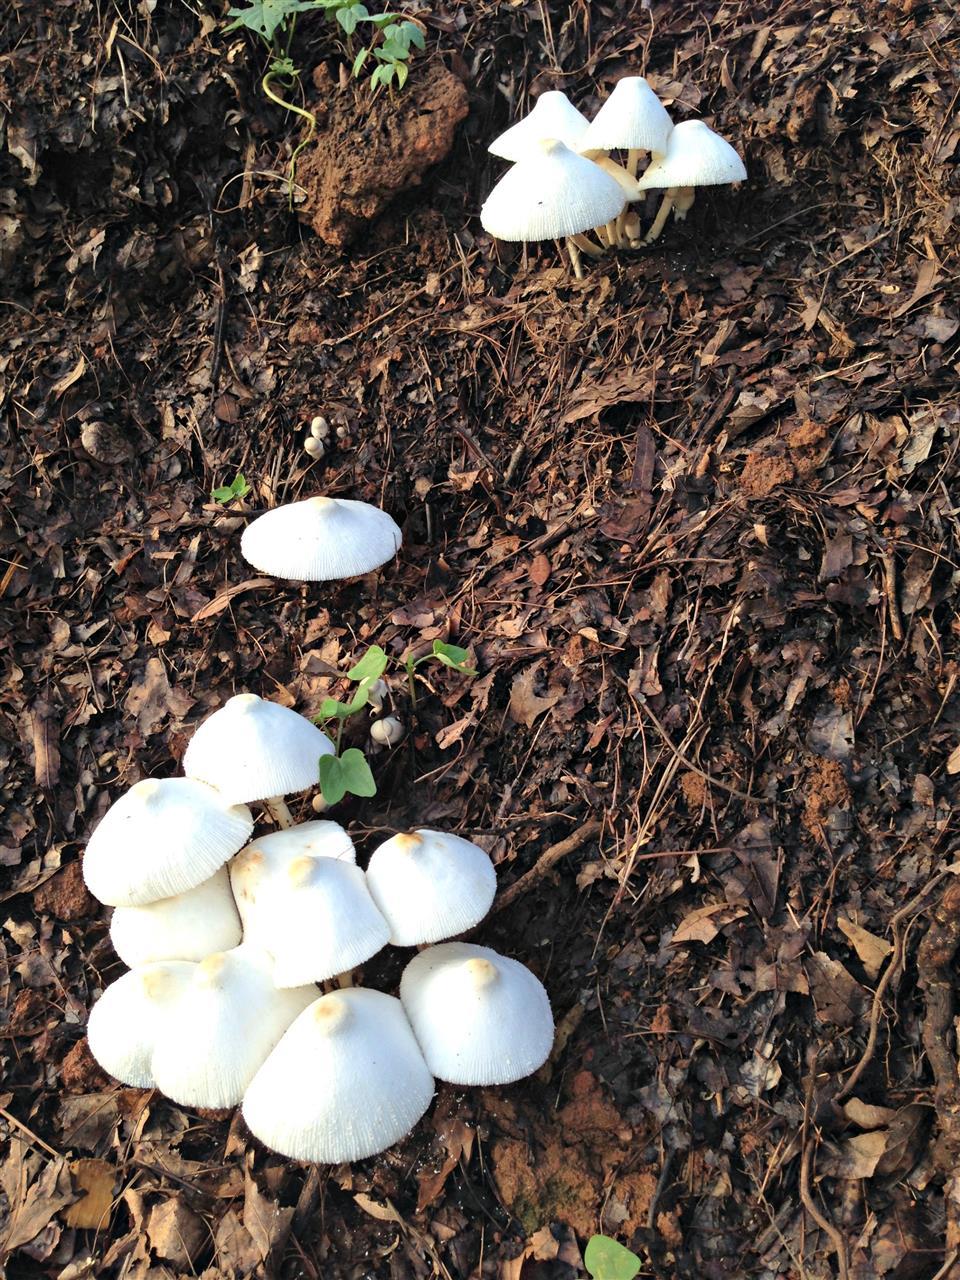 #Mushroom#Winston-Salem#NC